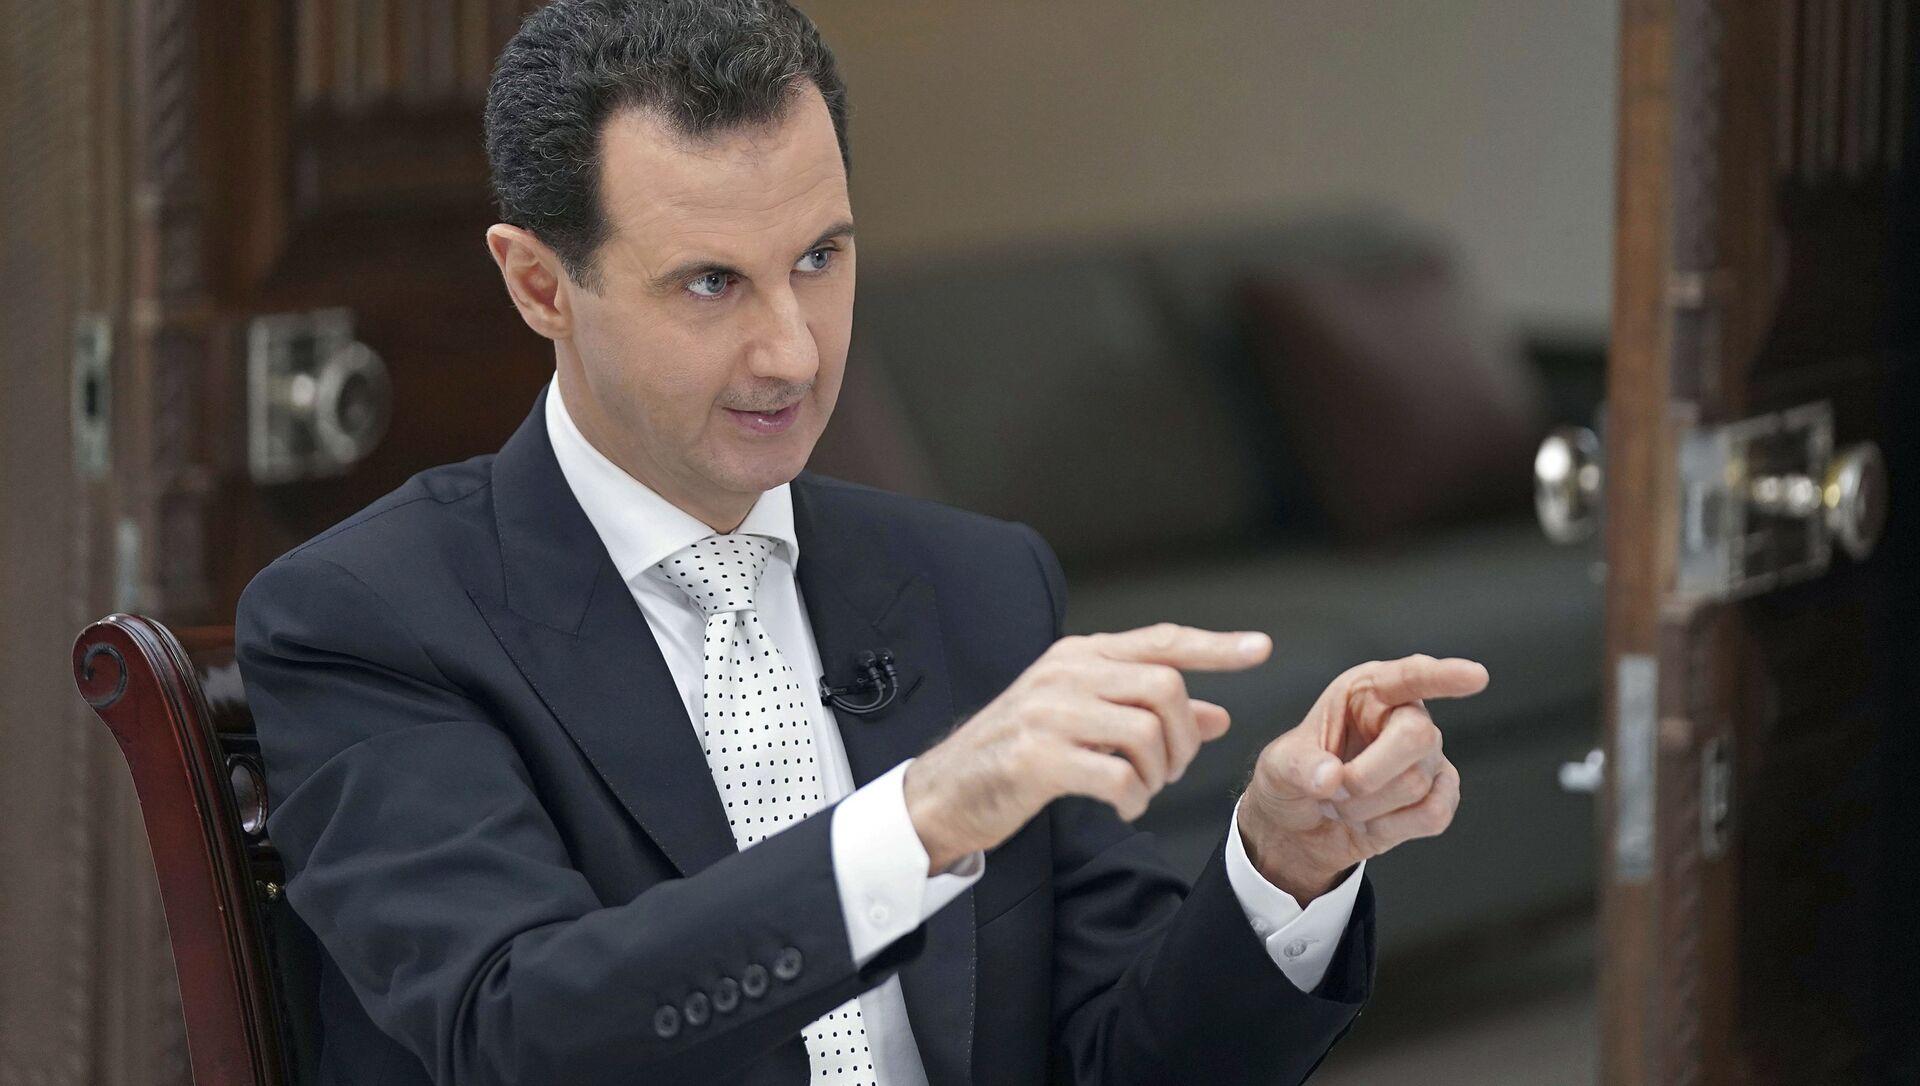 Prezydent Syrii Baszar Asad podczas wywiadu - Sputnik Polska, 1920, 27.05.2021